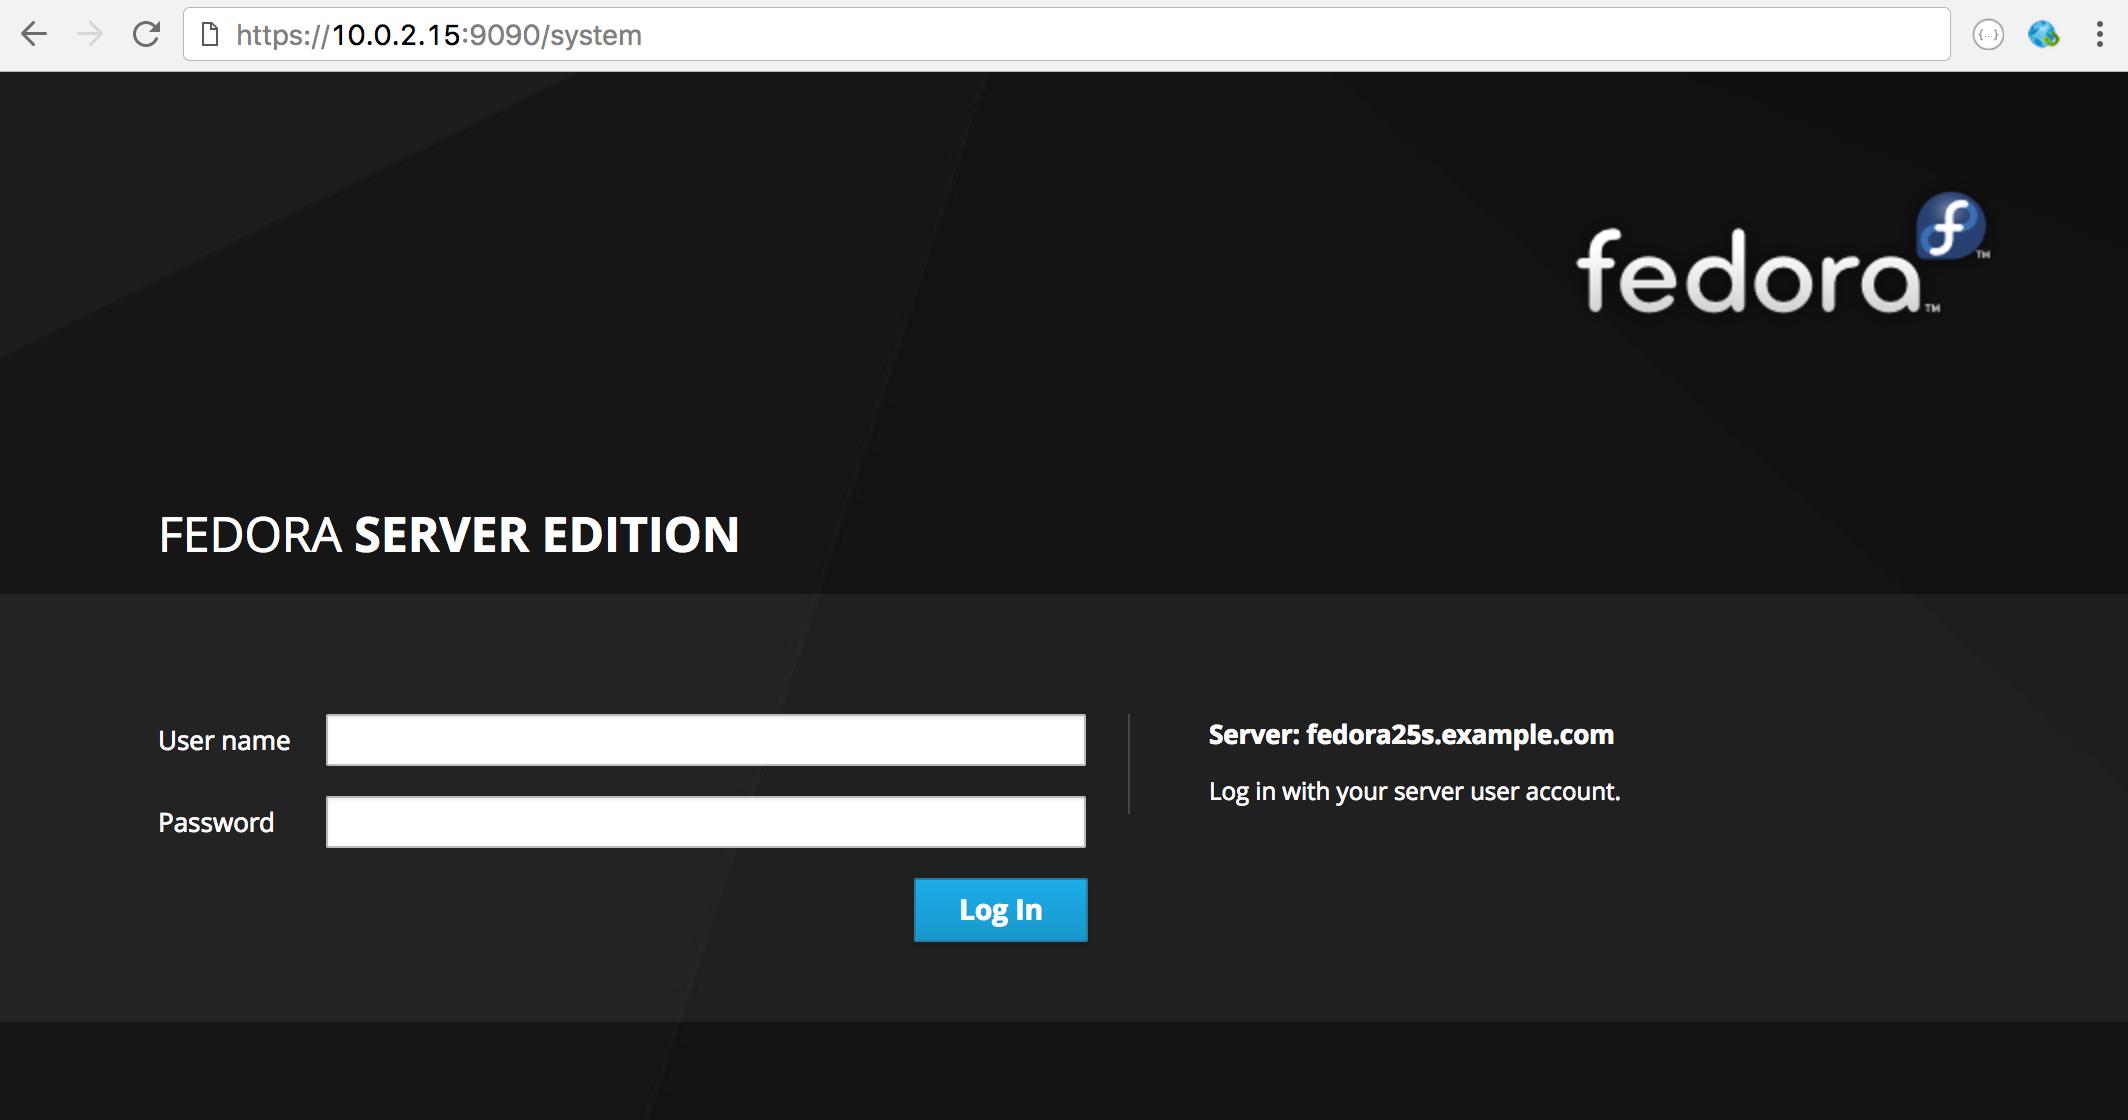 33-fedora-server-admin-console